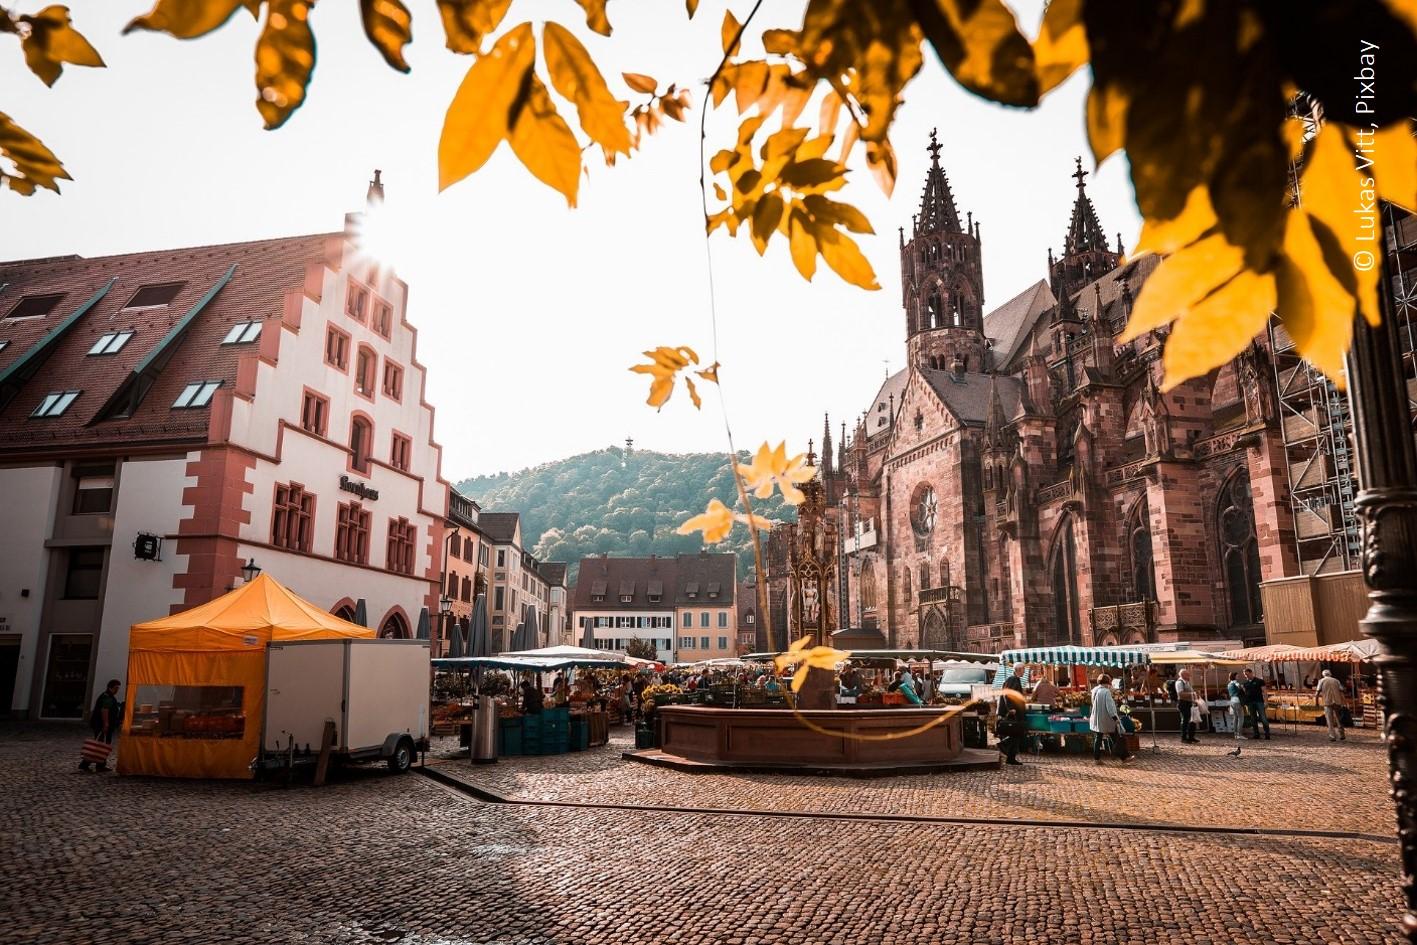 Auf dem Markt am Freiburger Münster